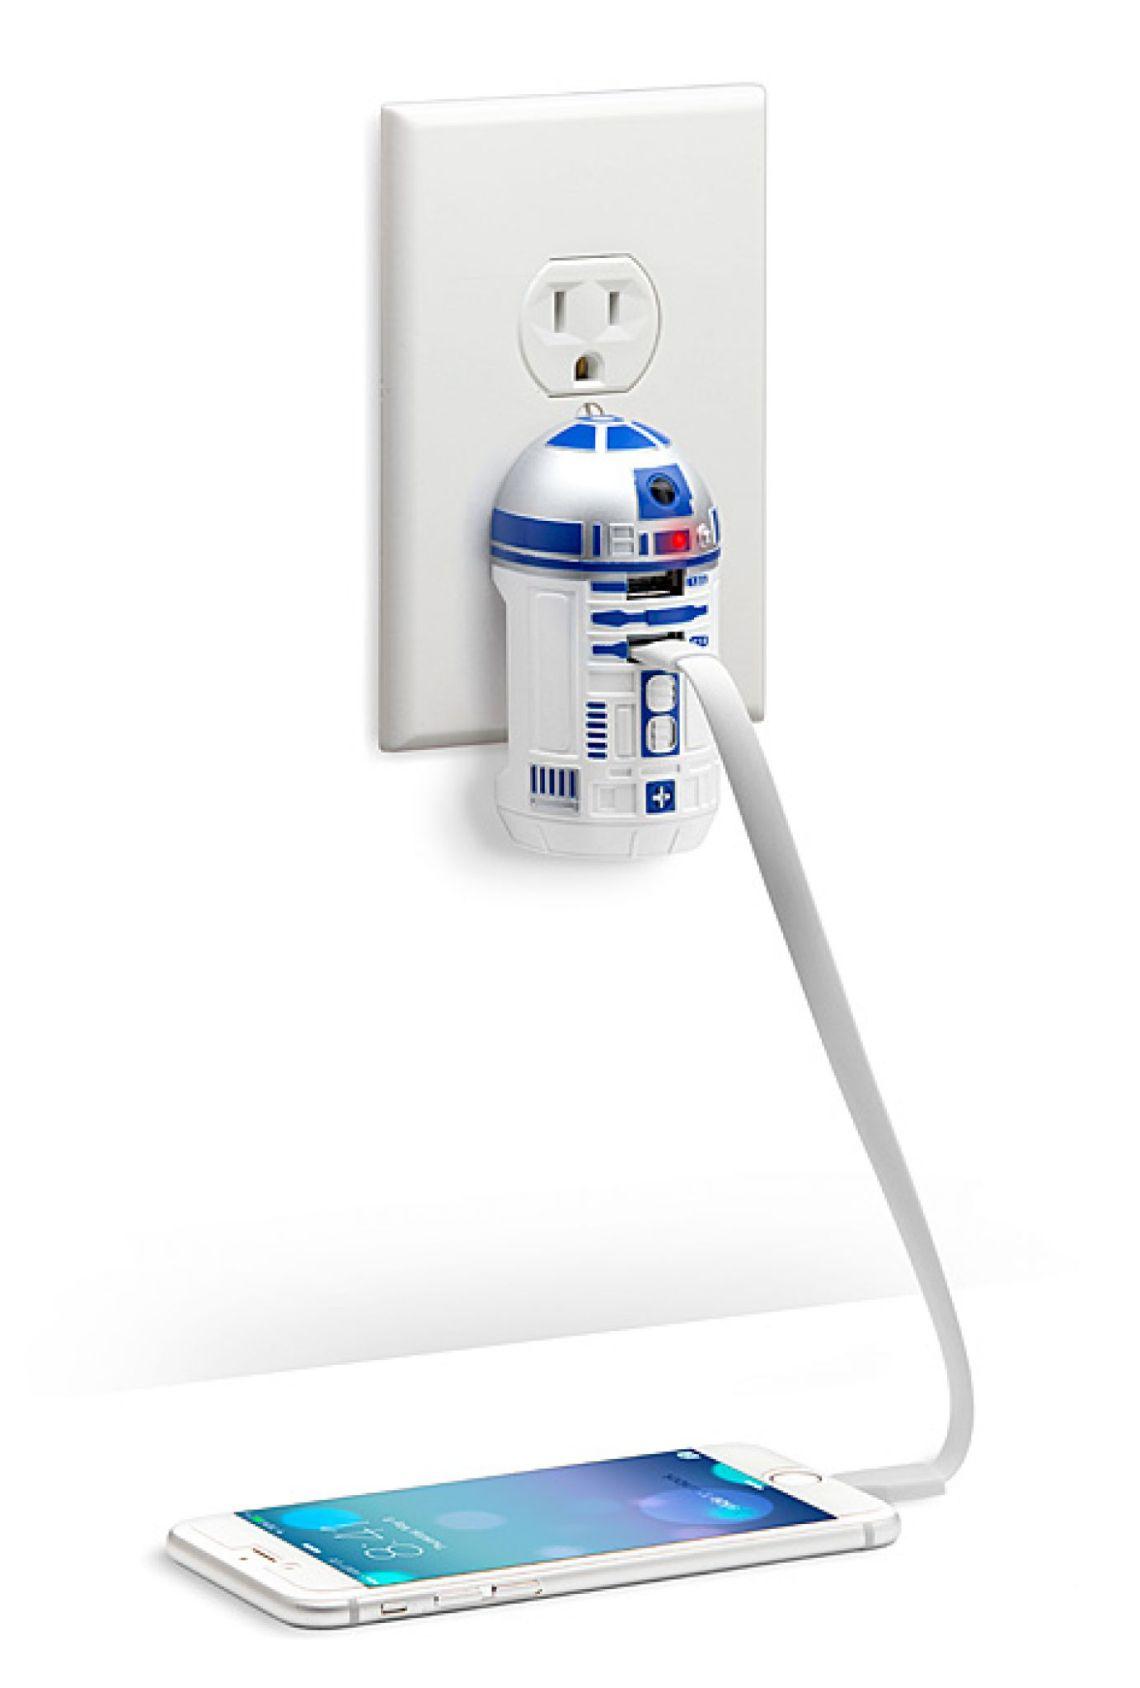 Star Wars R2-D2 USB Wall Charger | ThinkGeek